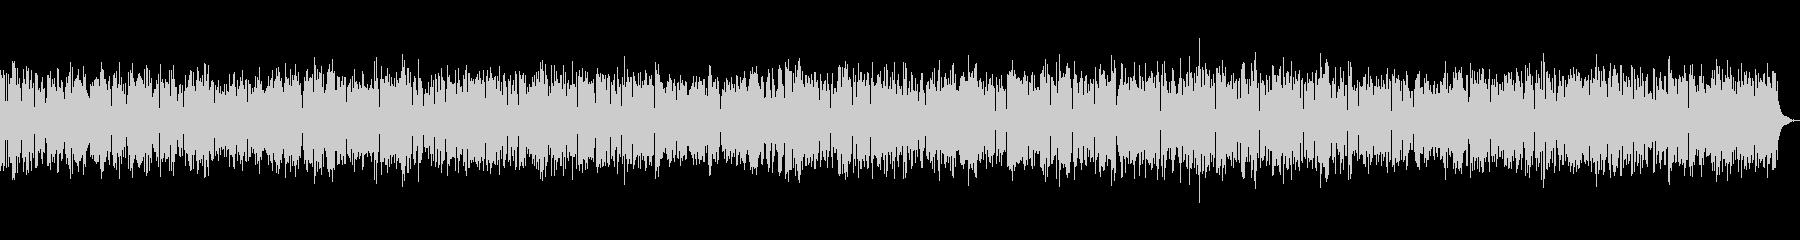 ムーディーな大人のジャズバラードBGMの未再生の波形